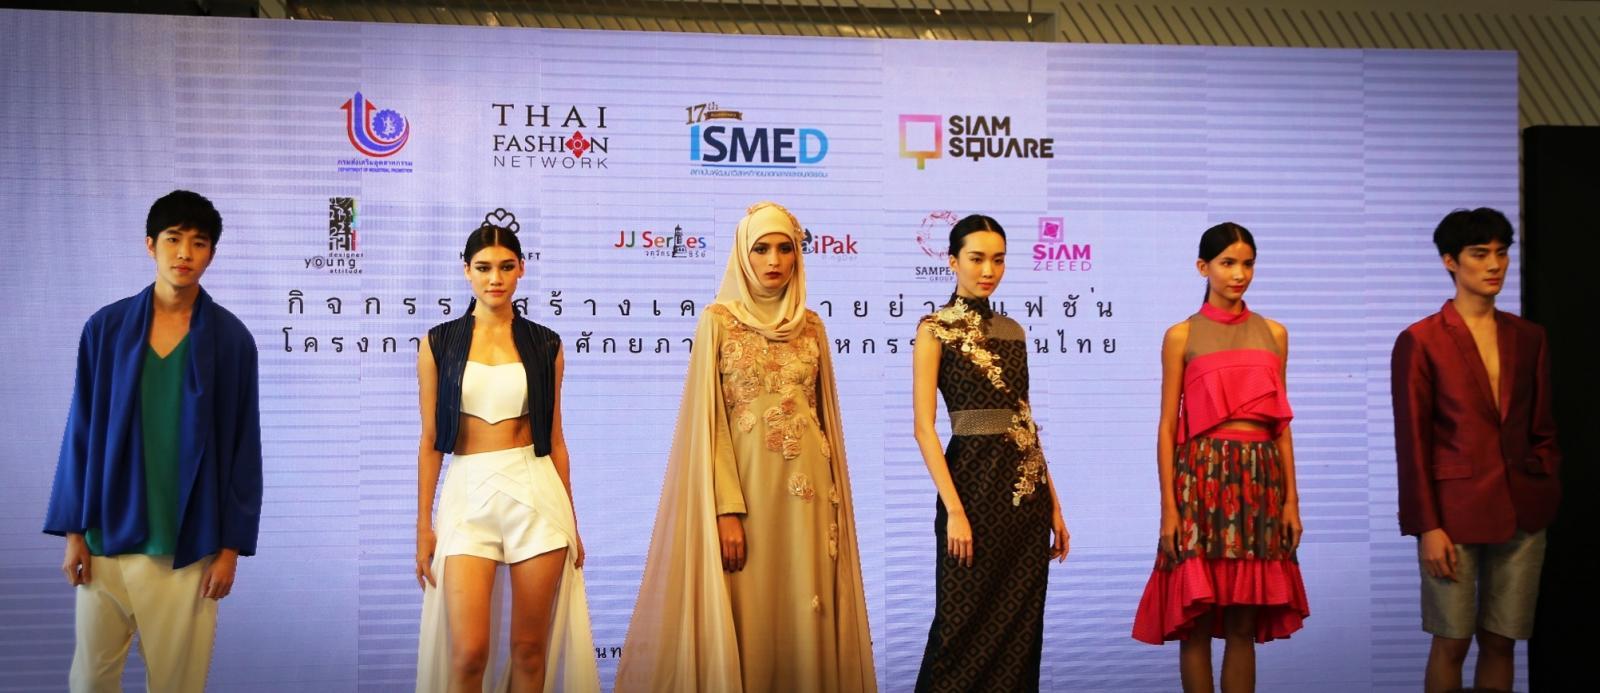 ดัน 8 ย่านแฟชั่นไทยต้นแบบสร้างมูลค่าเพิ่ม หวังดันรายได้ทะลุล้านล้านบาท